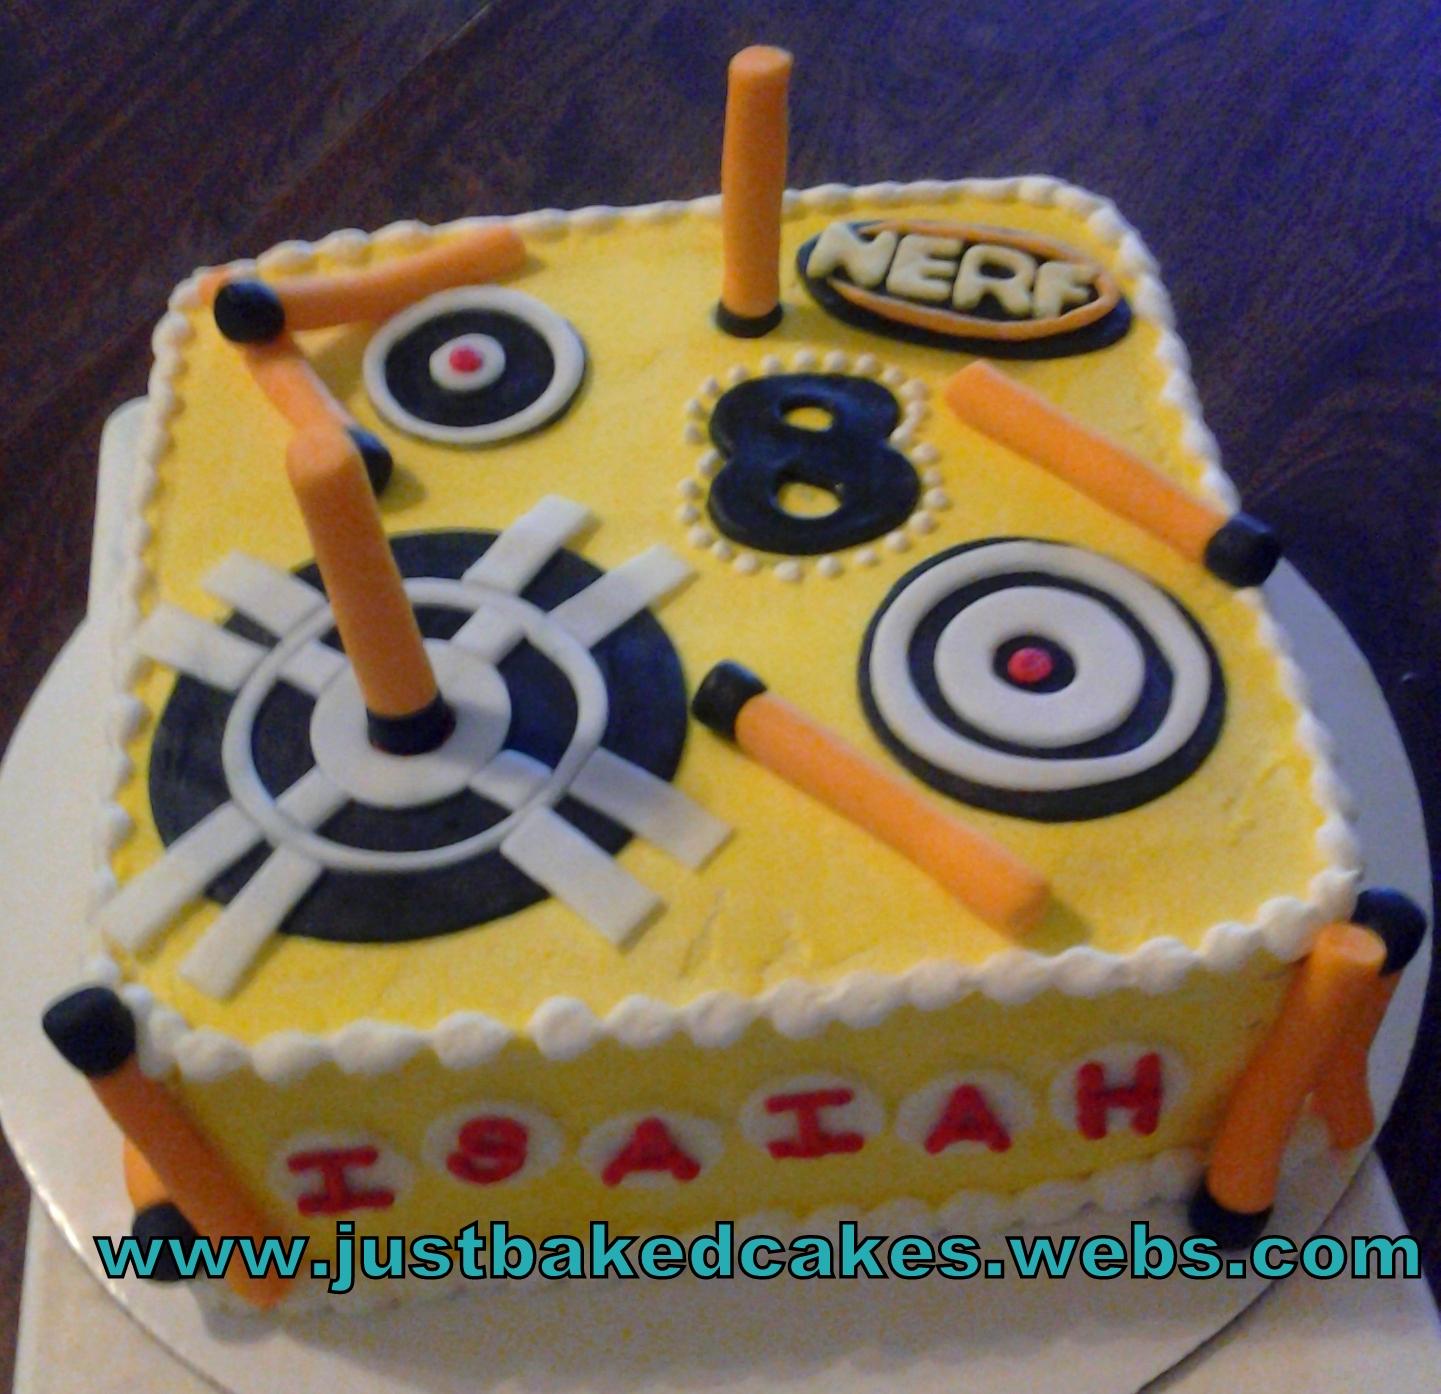 Nerf Themed Birthday Cake